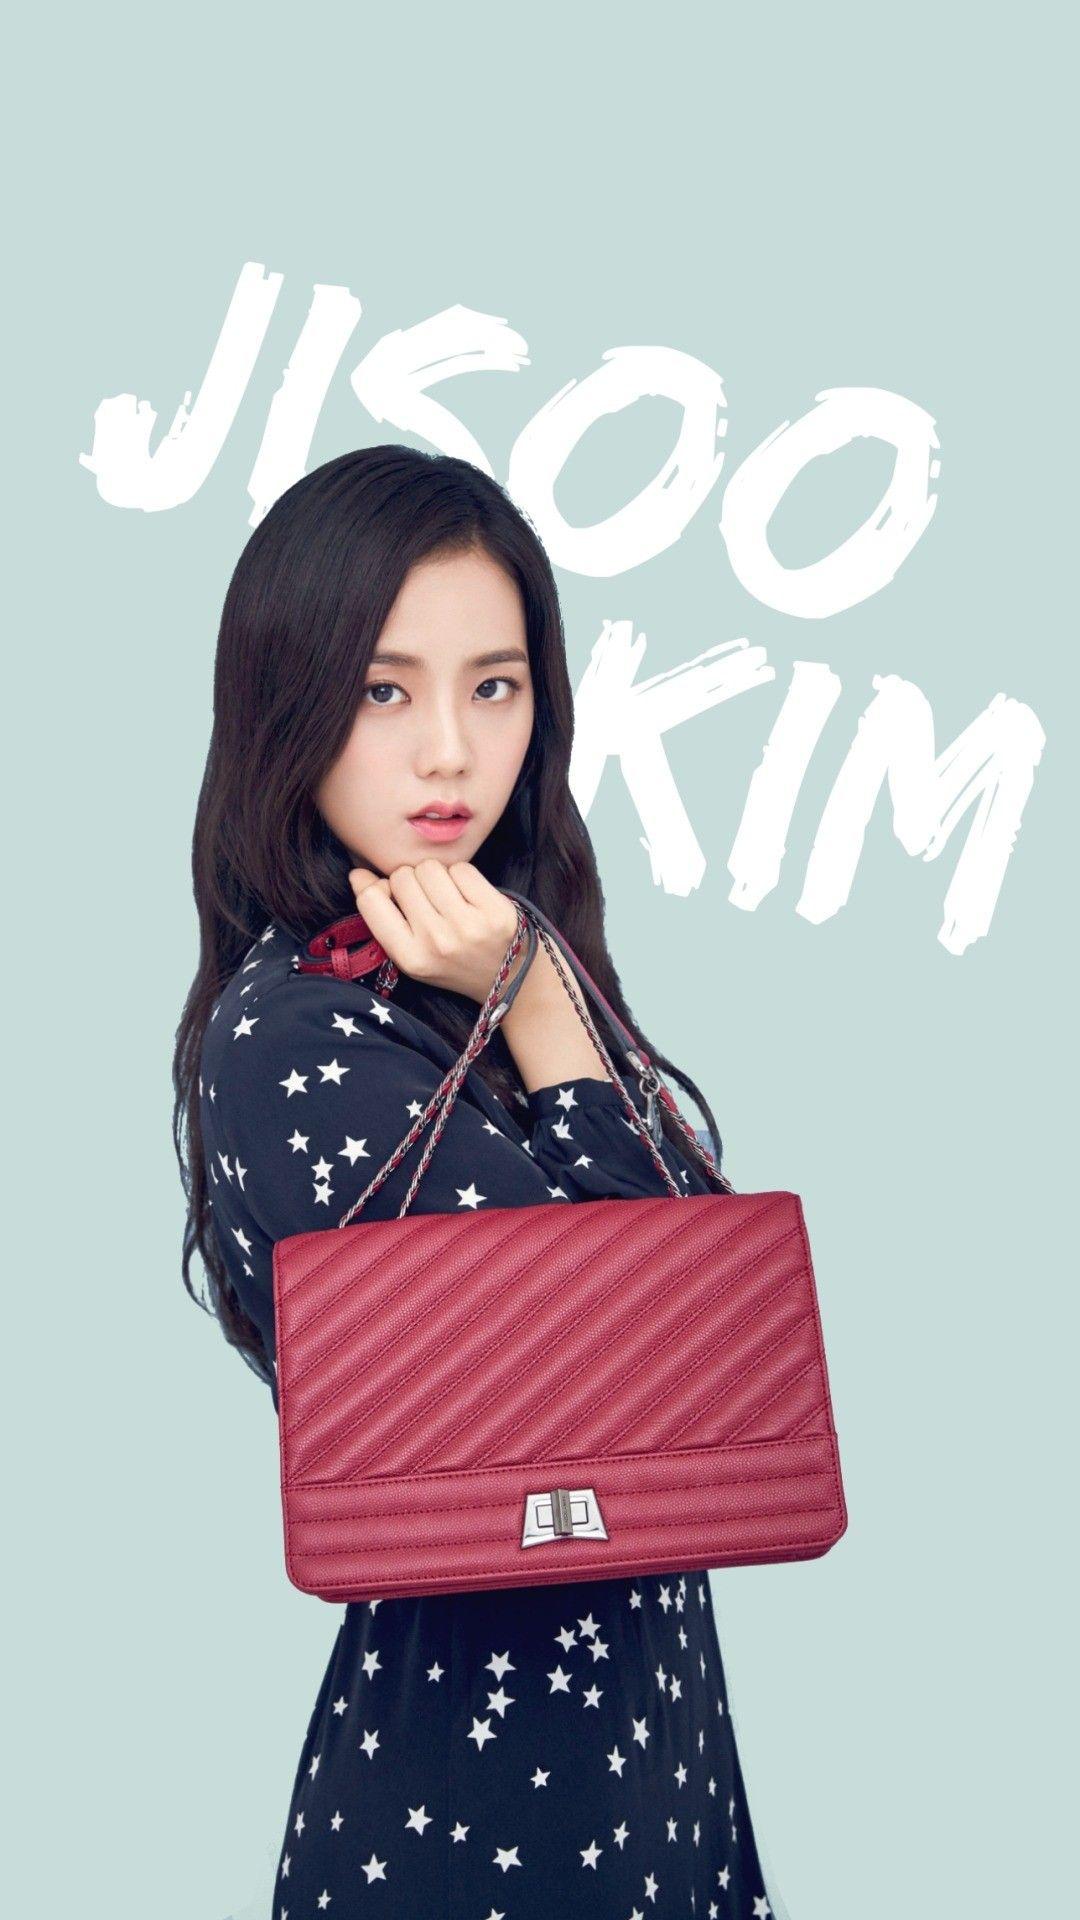 Download Wallpaper Kim Jisoo Aesthetic Cikimm Com Di 2020 Orang Lucu Artis Lucu